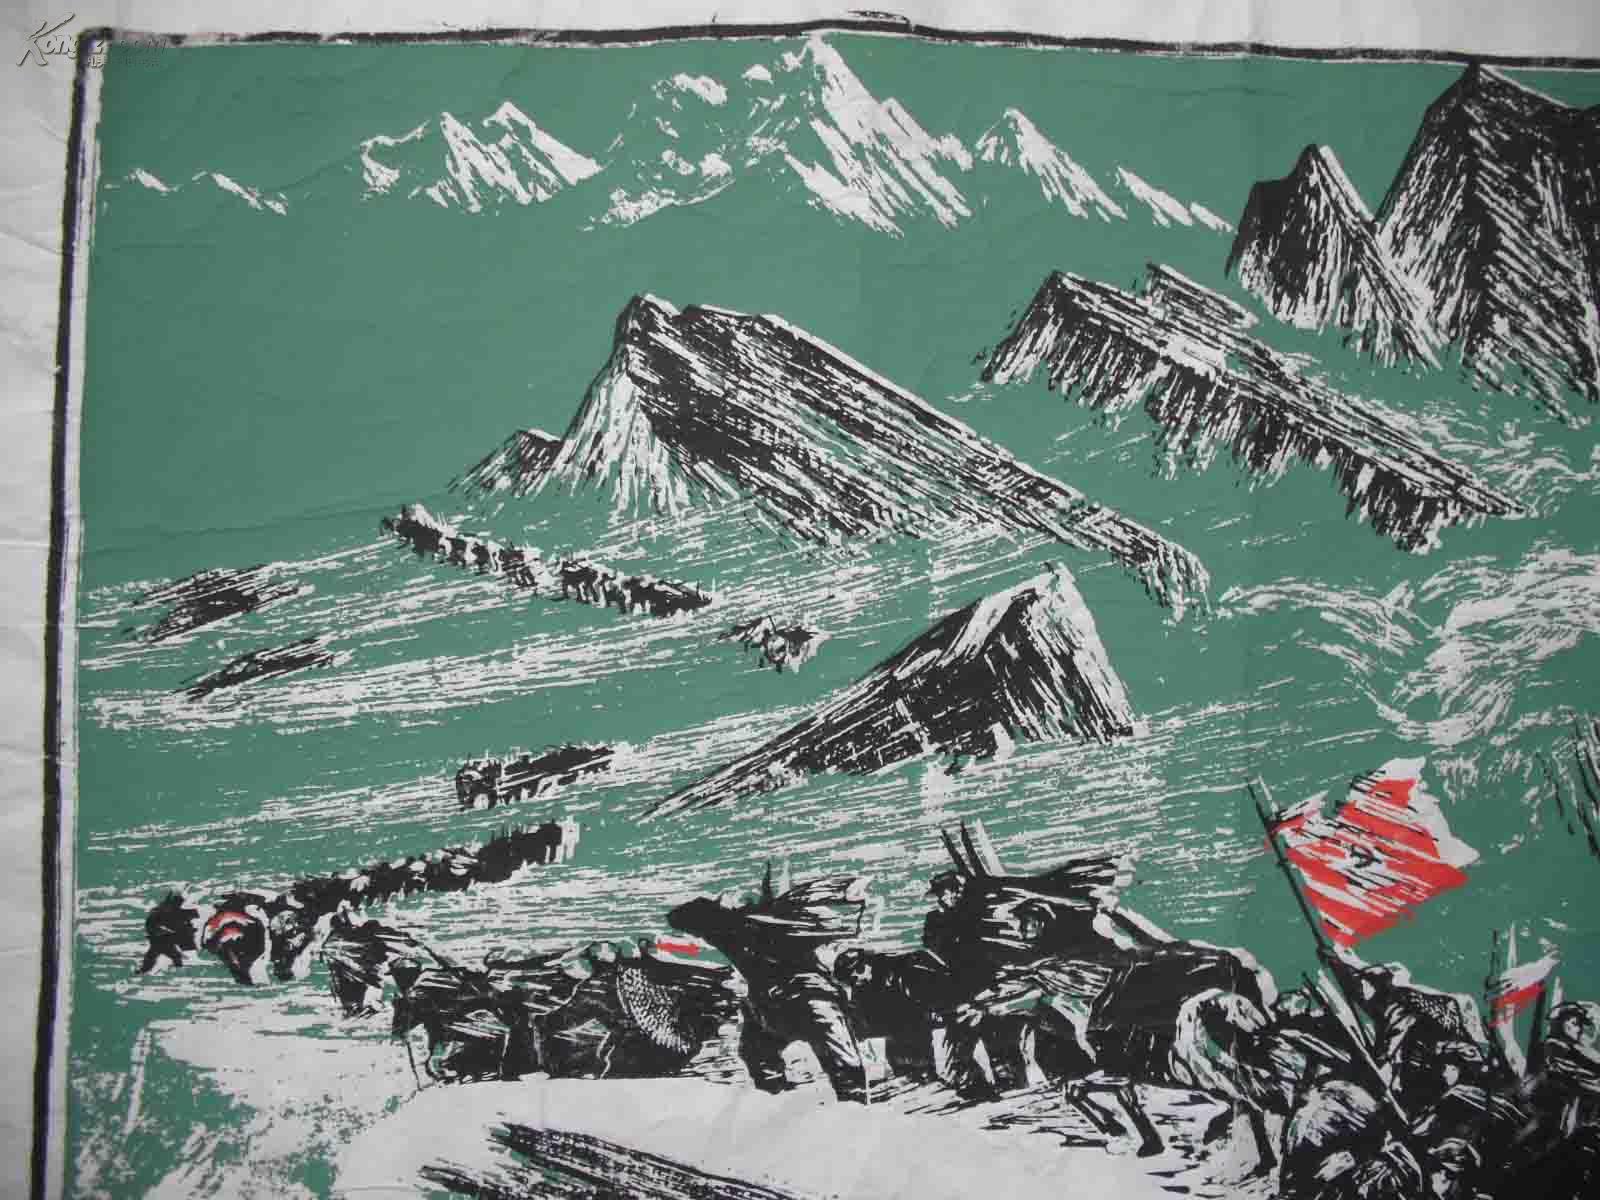 【图】红军套色视频木刻--名家过作者雪山:宋男科v红军版画图片